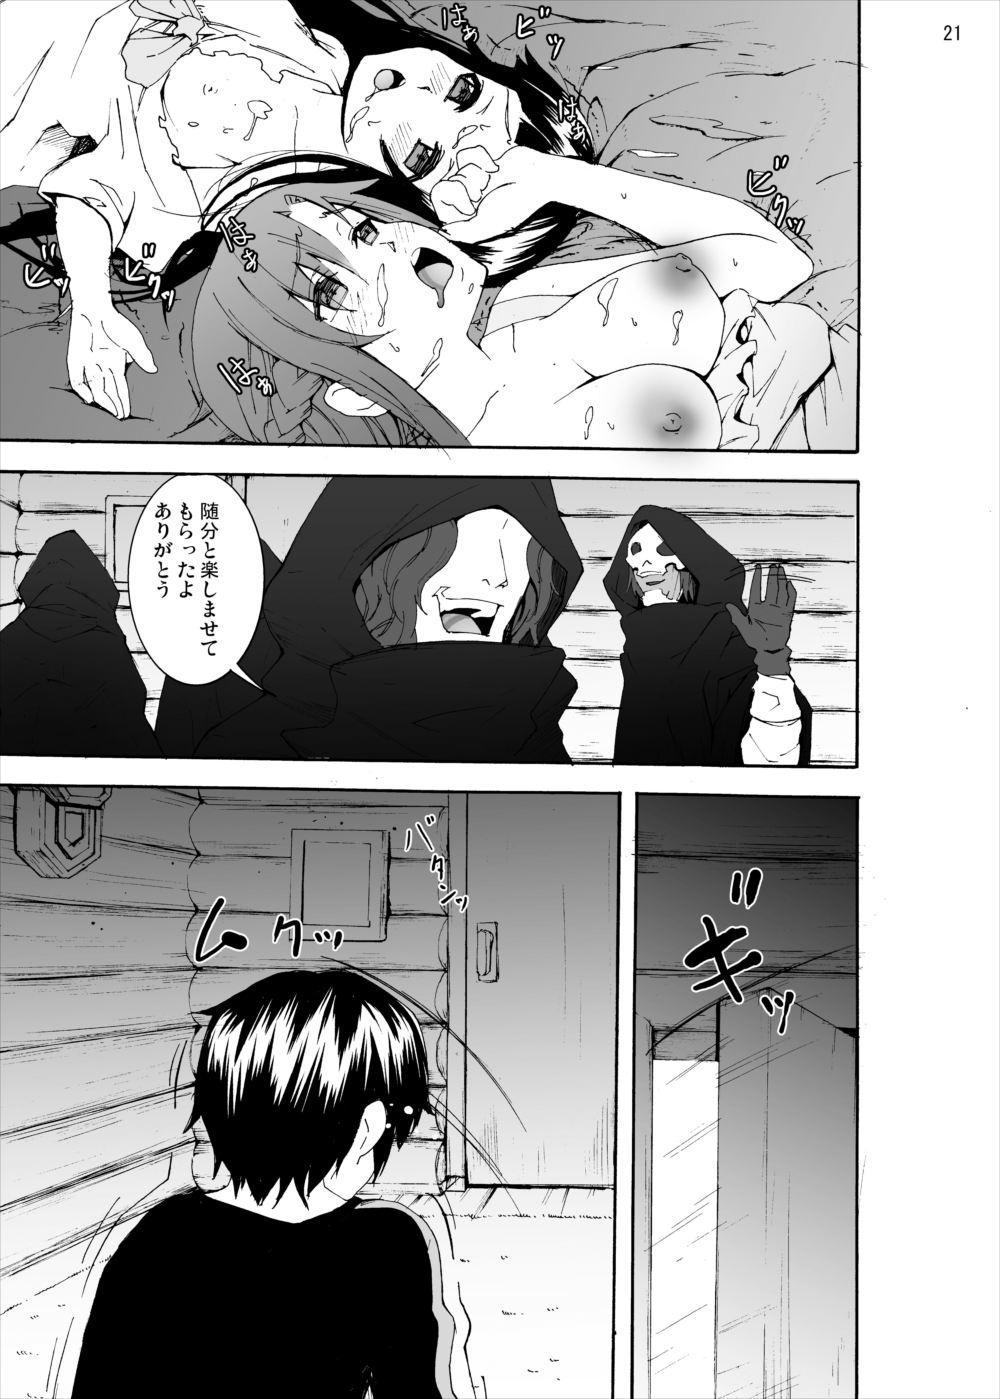 Asuna to Yui no Jigoku Rape... Ryoujoku Oyakodon Story 19